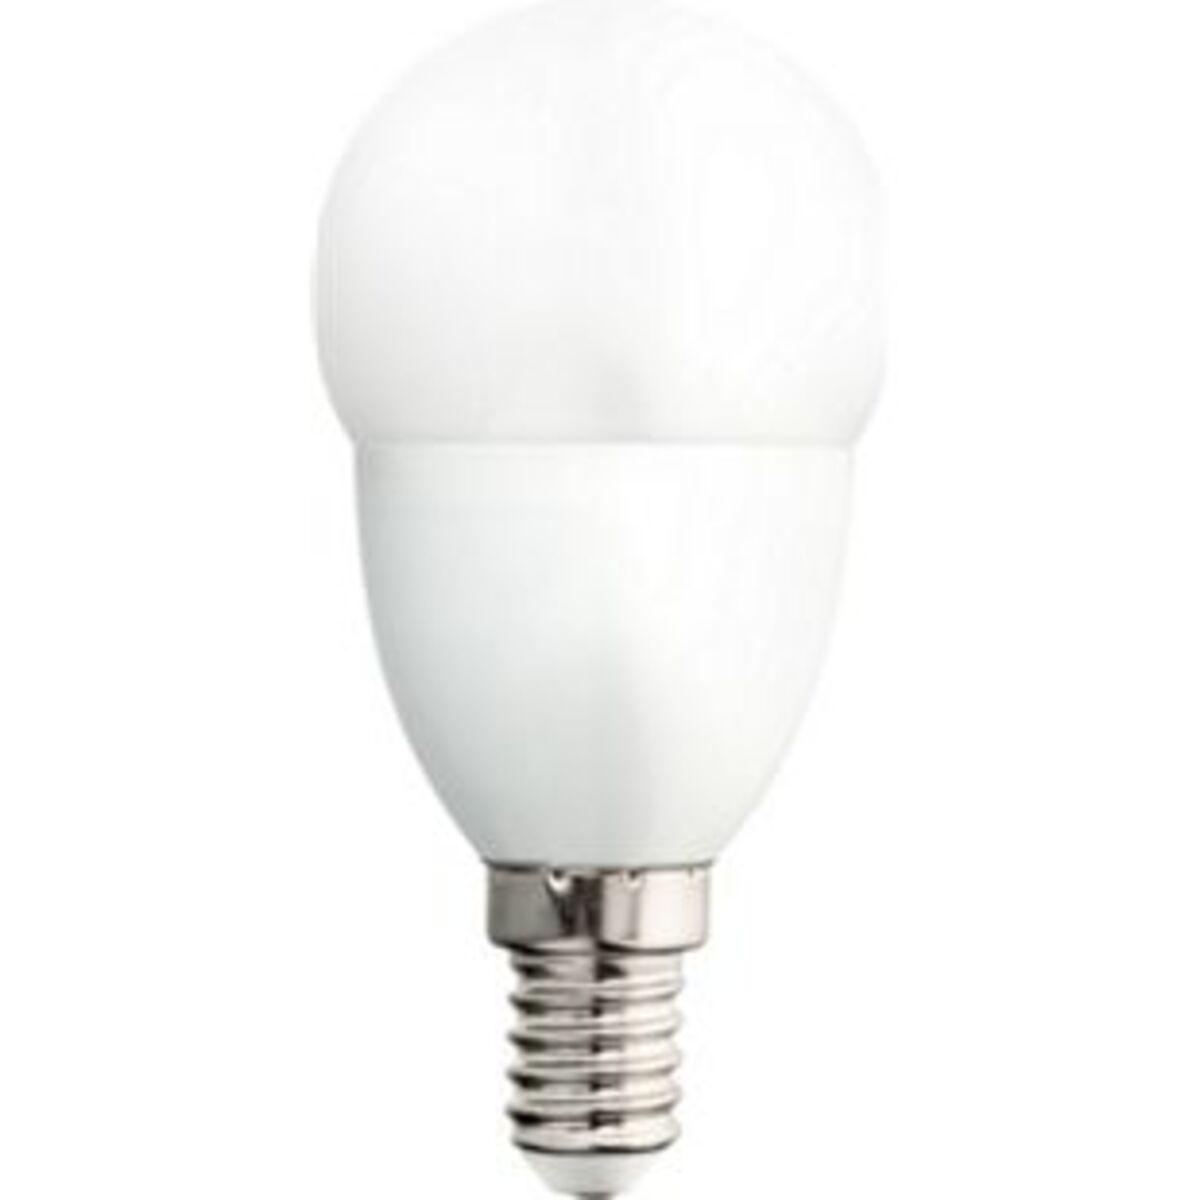 Bild 2 von LED-Leuchte 9 Watt